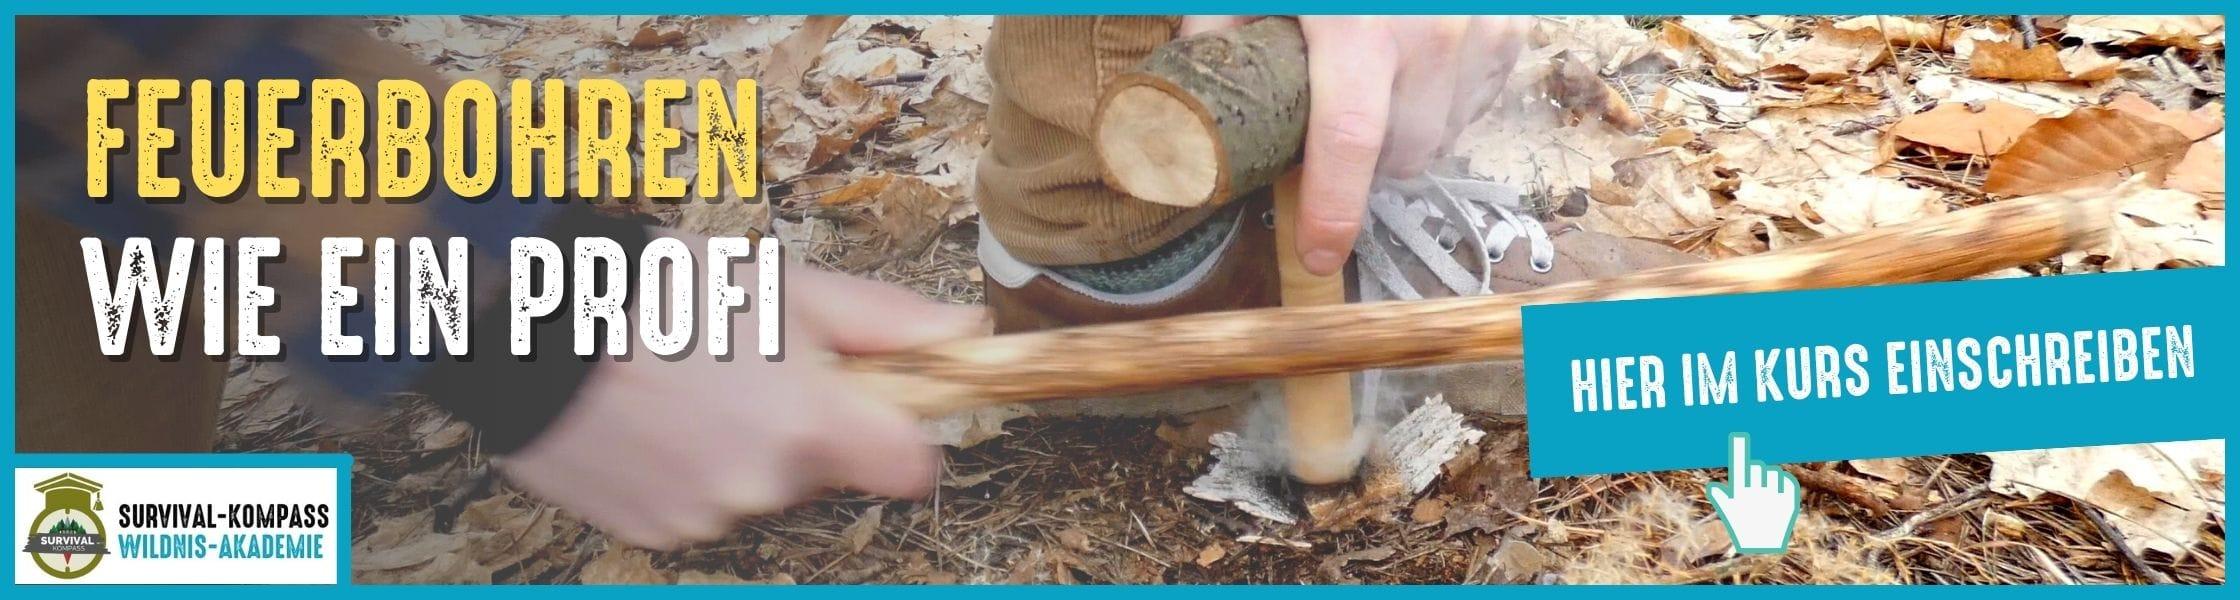 Der Feuerbohrer-Kurs - Meistere die urtümliche Art ein Feuer zu entzünden